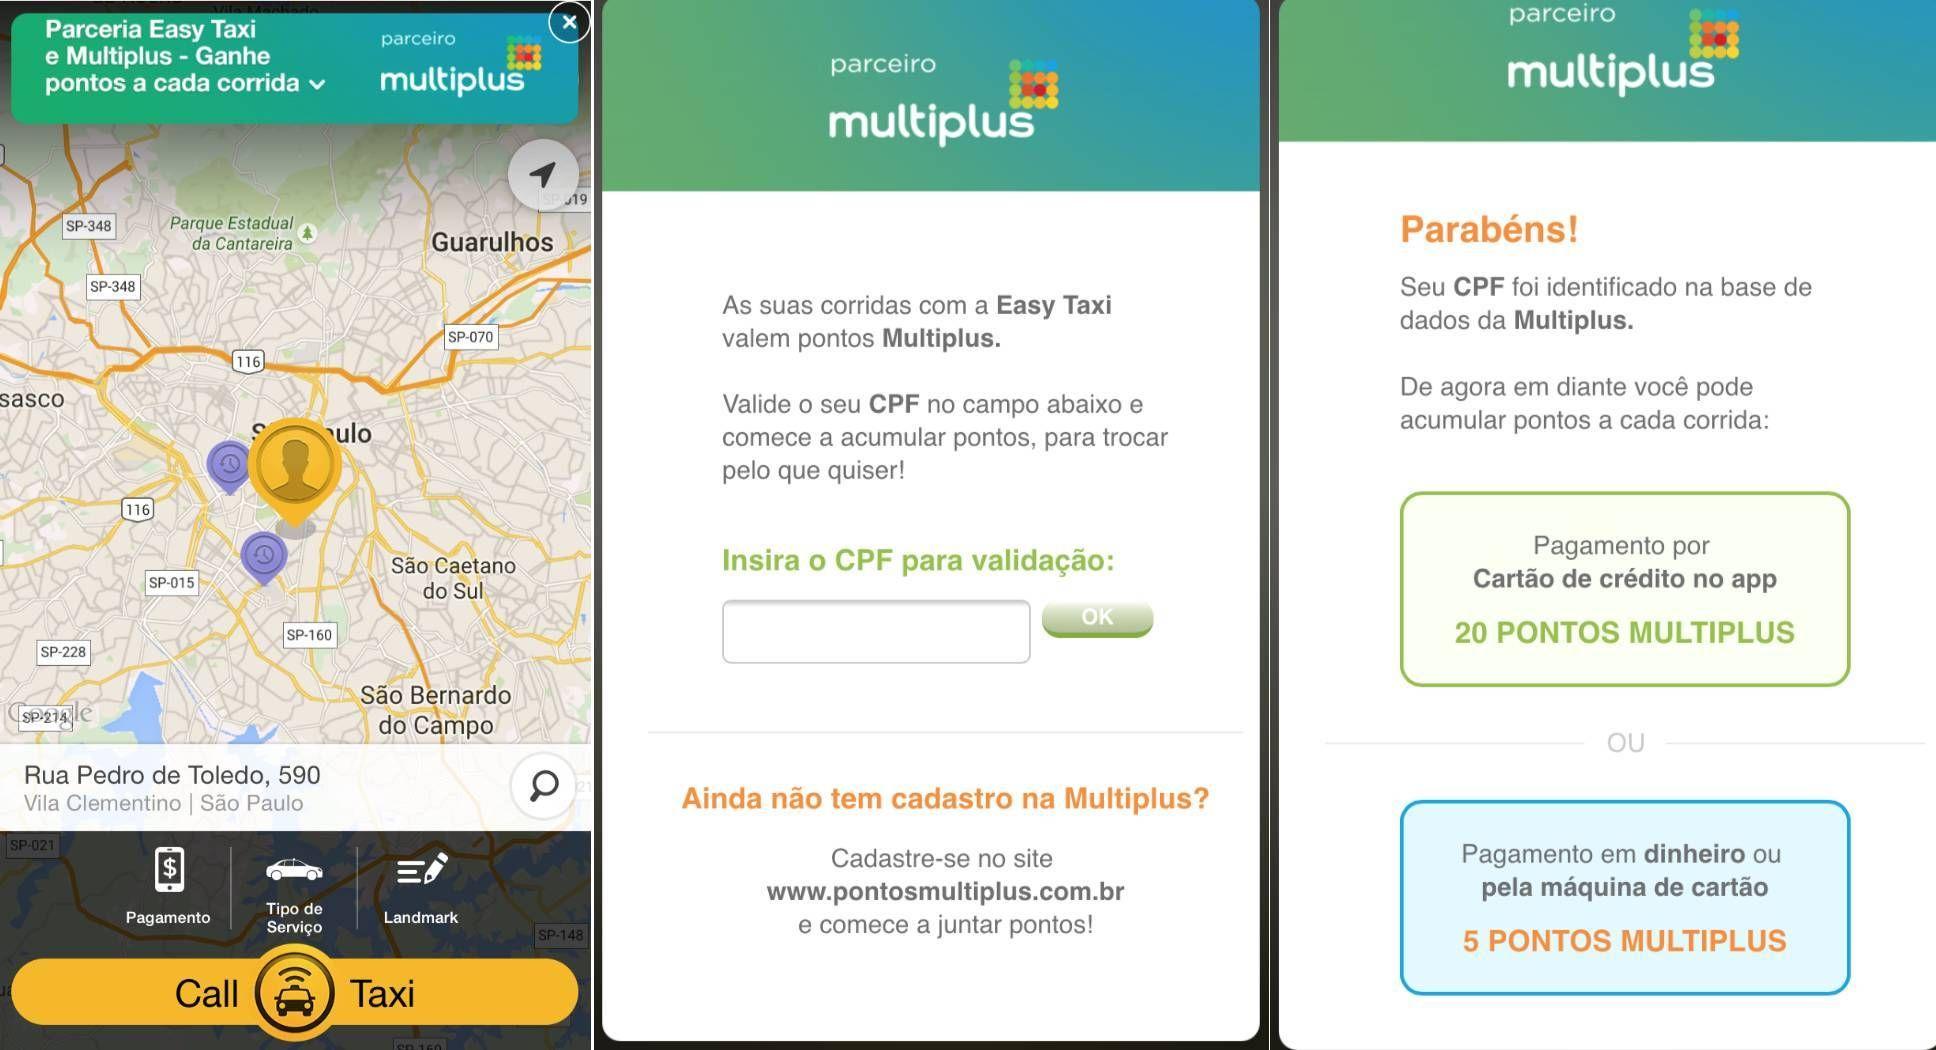 Easy Taxi oferece benefício inédito ao firmar parceria com a Multiplus